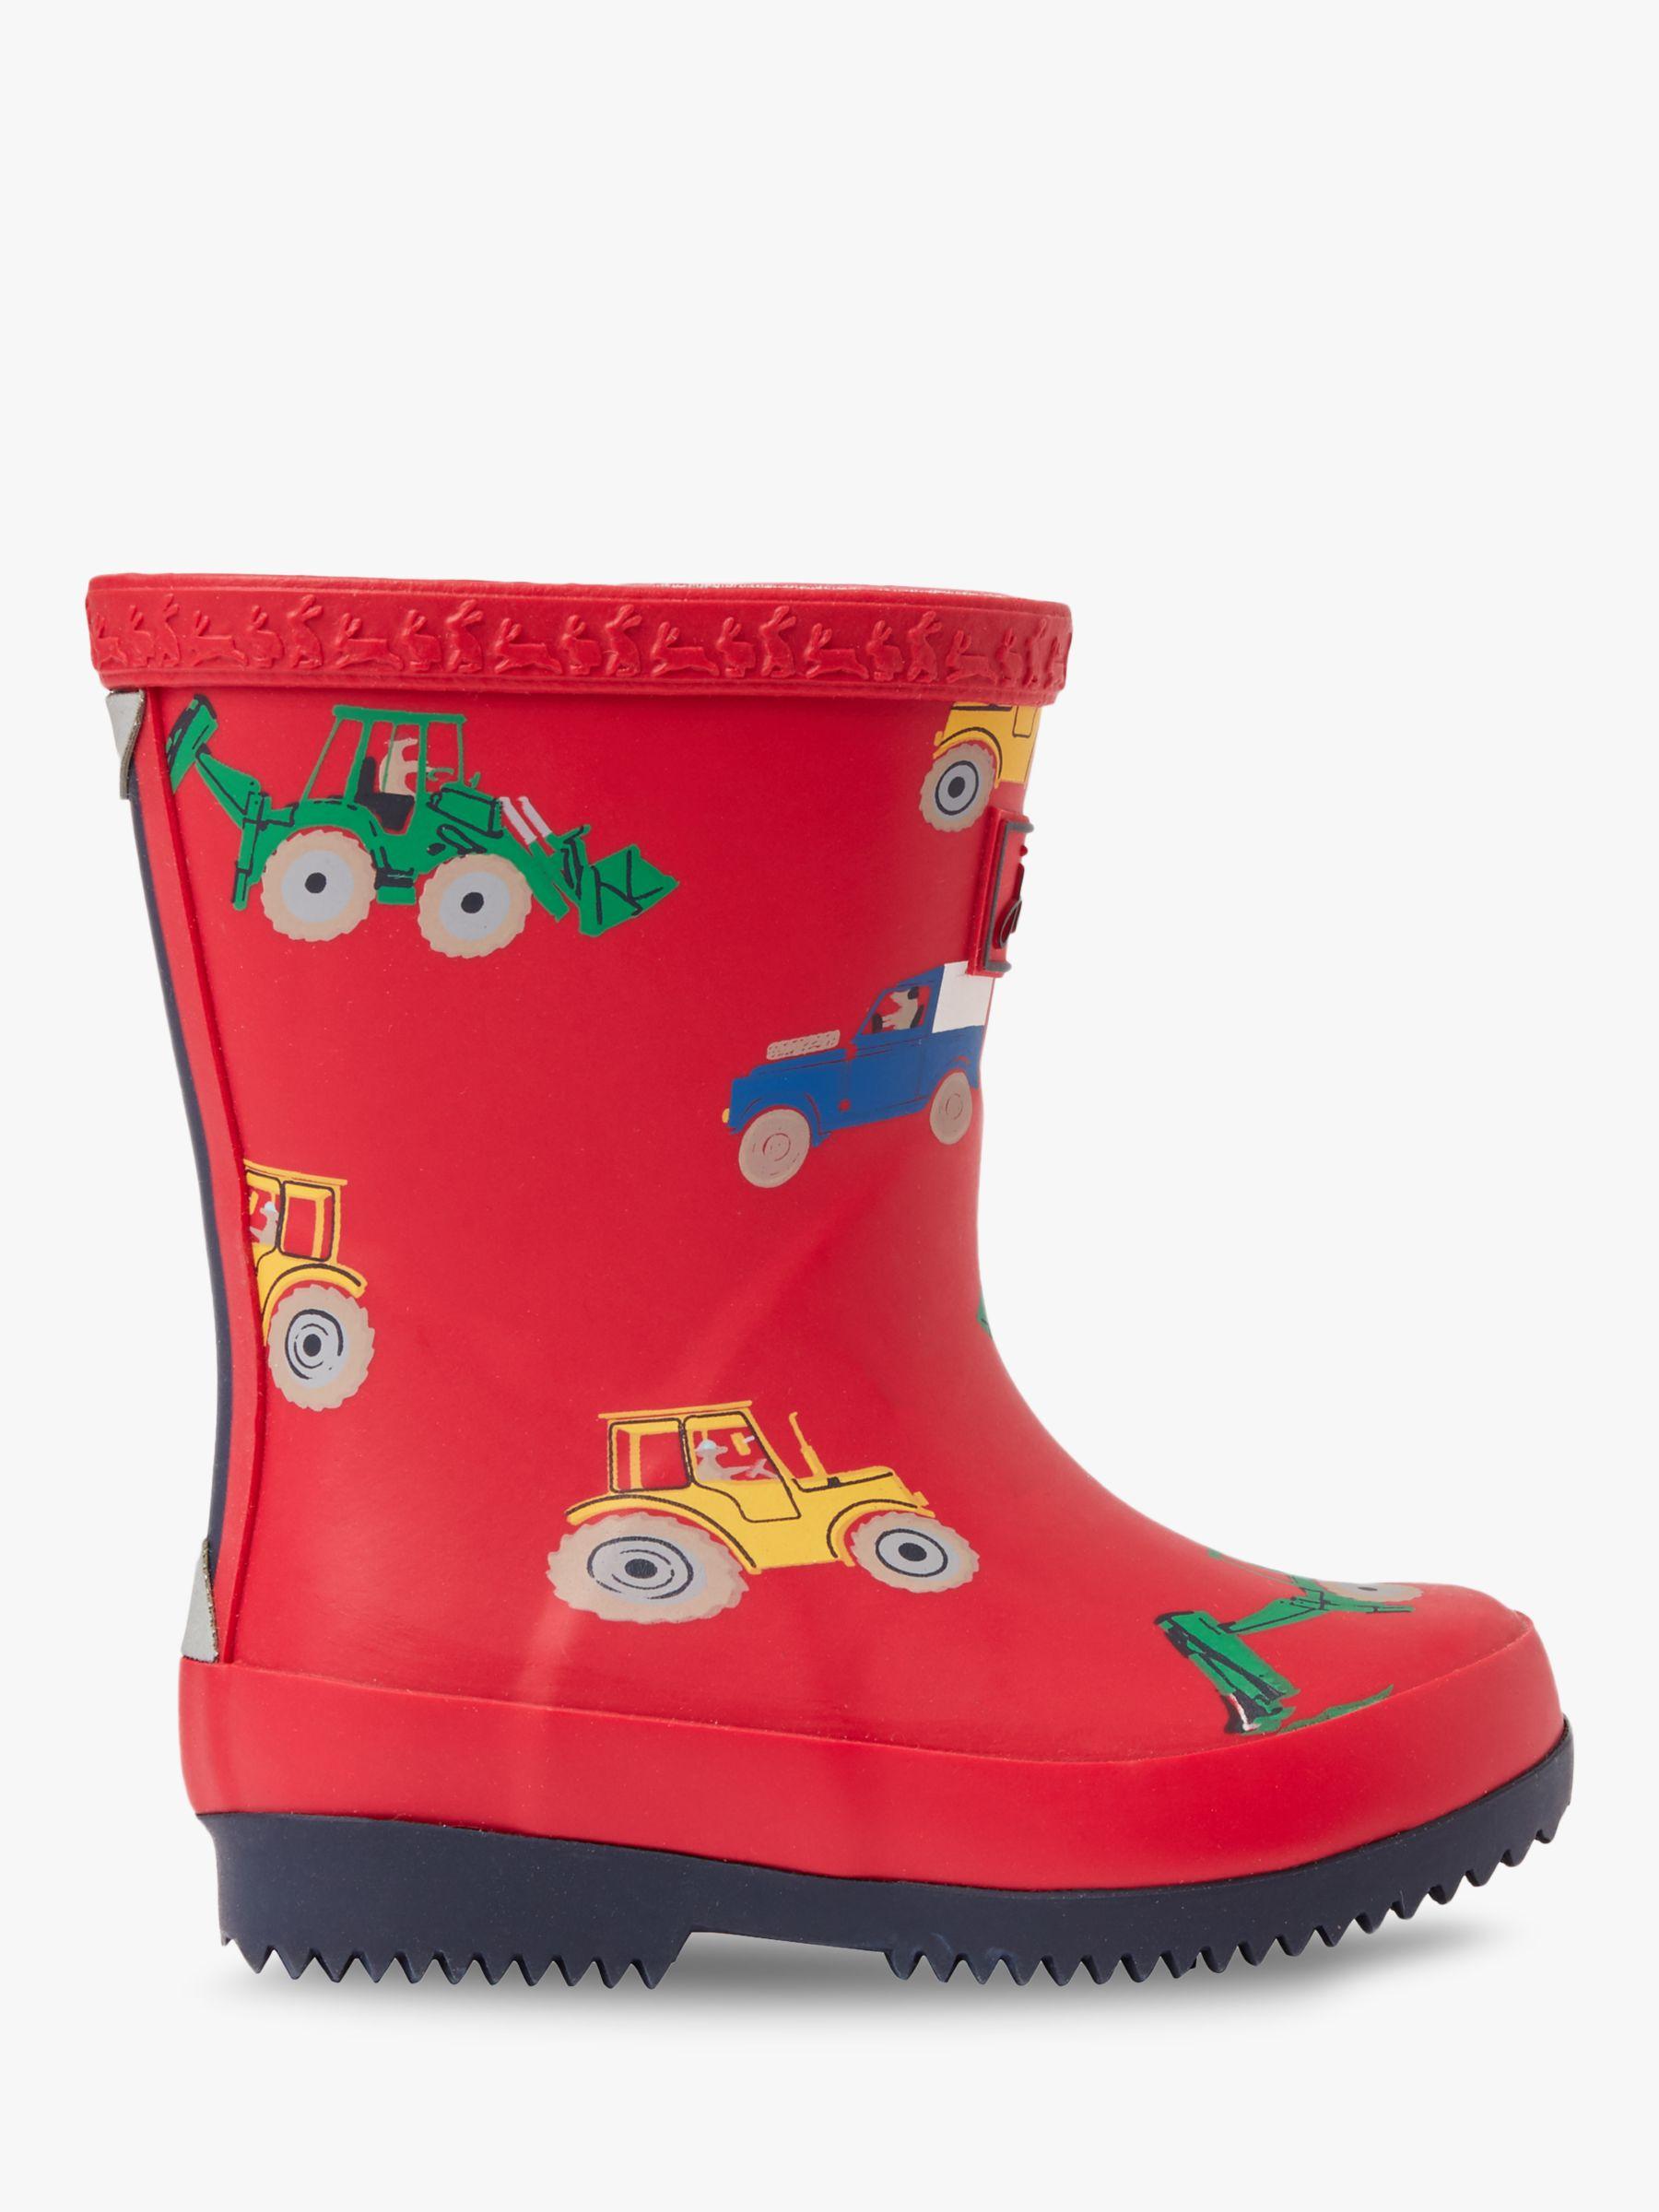 Joules Little Joule Junior Wellington Boots, Red Vehicles